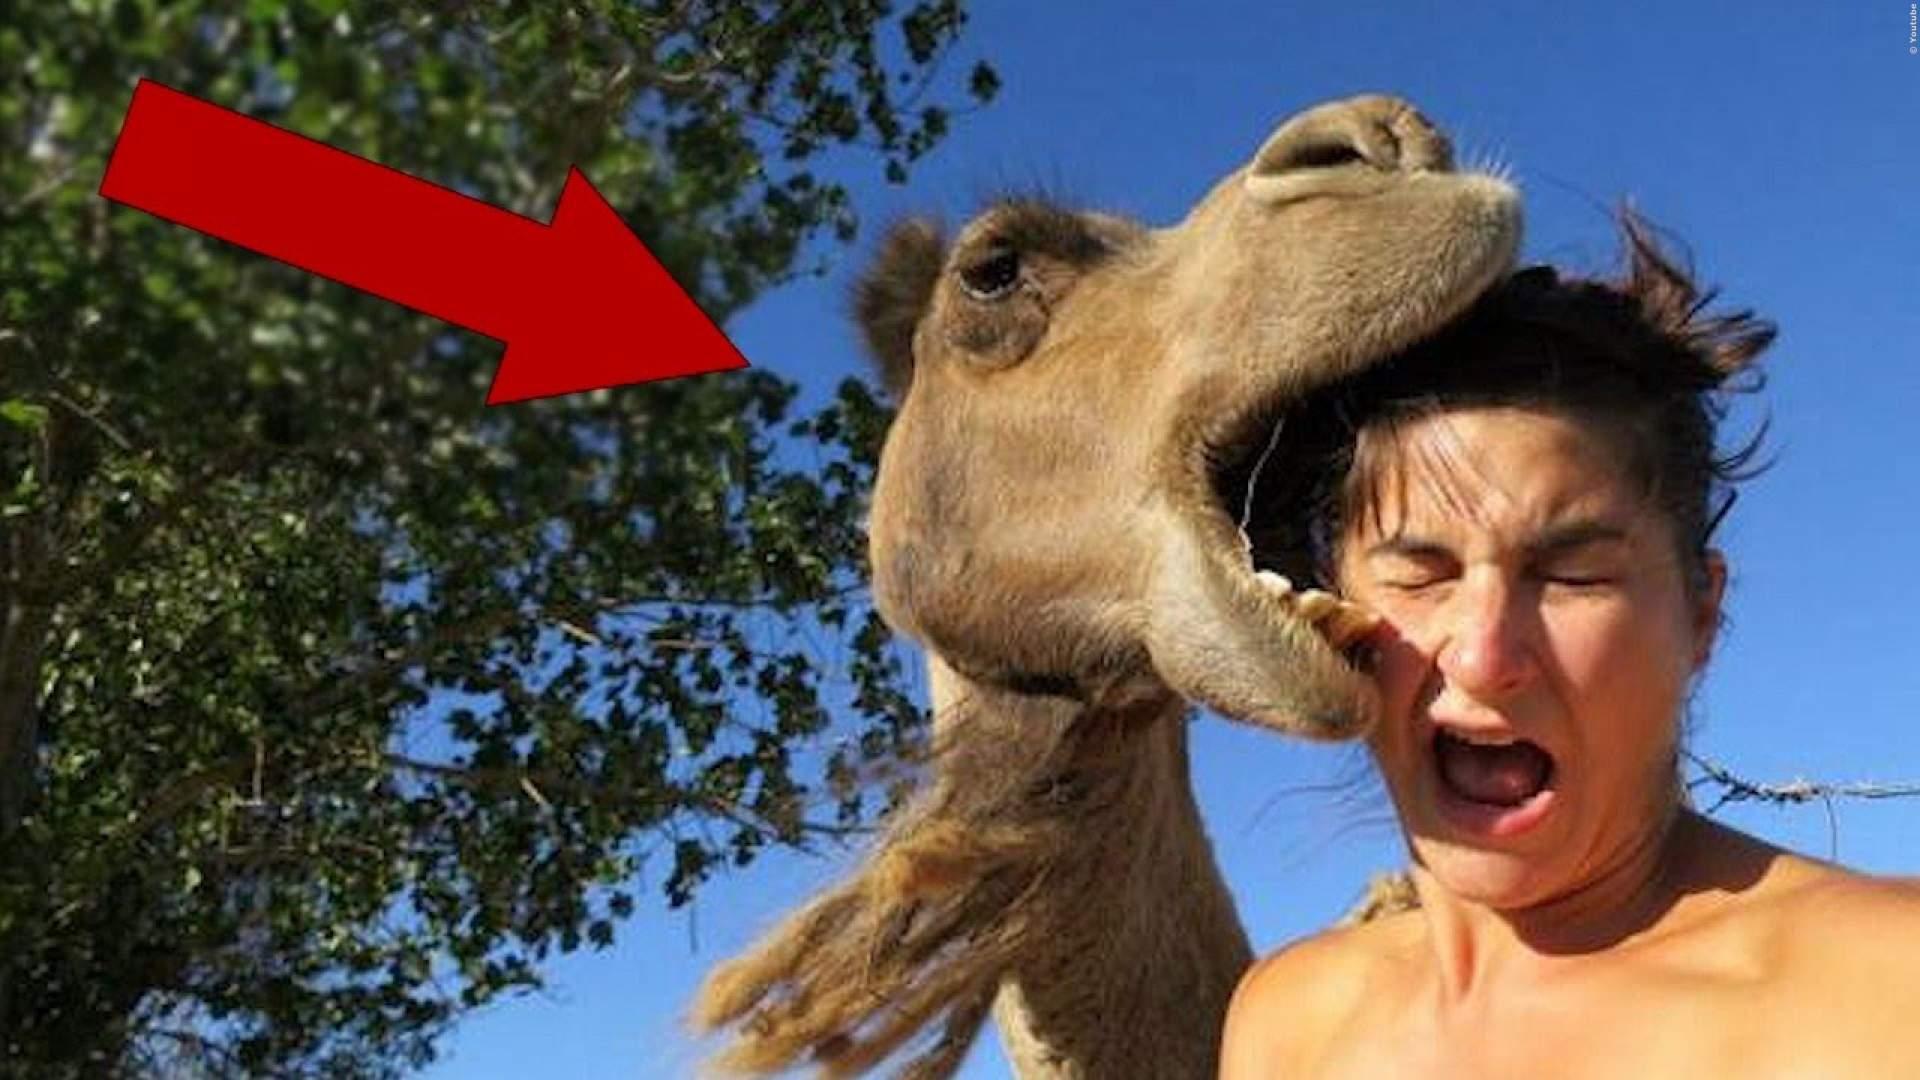 VIDEO: Tiere rächen sich an dummen Menschen - mit Recht!